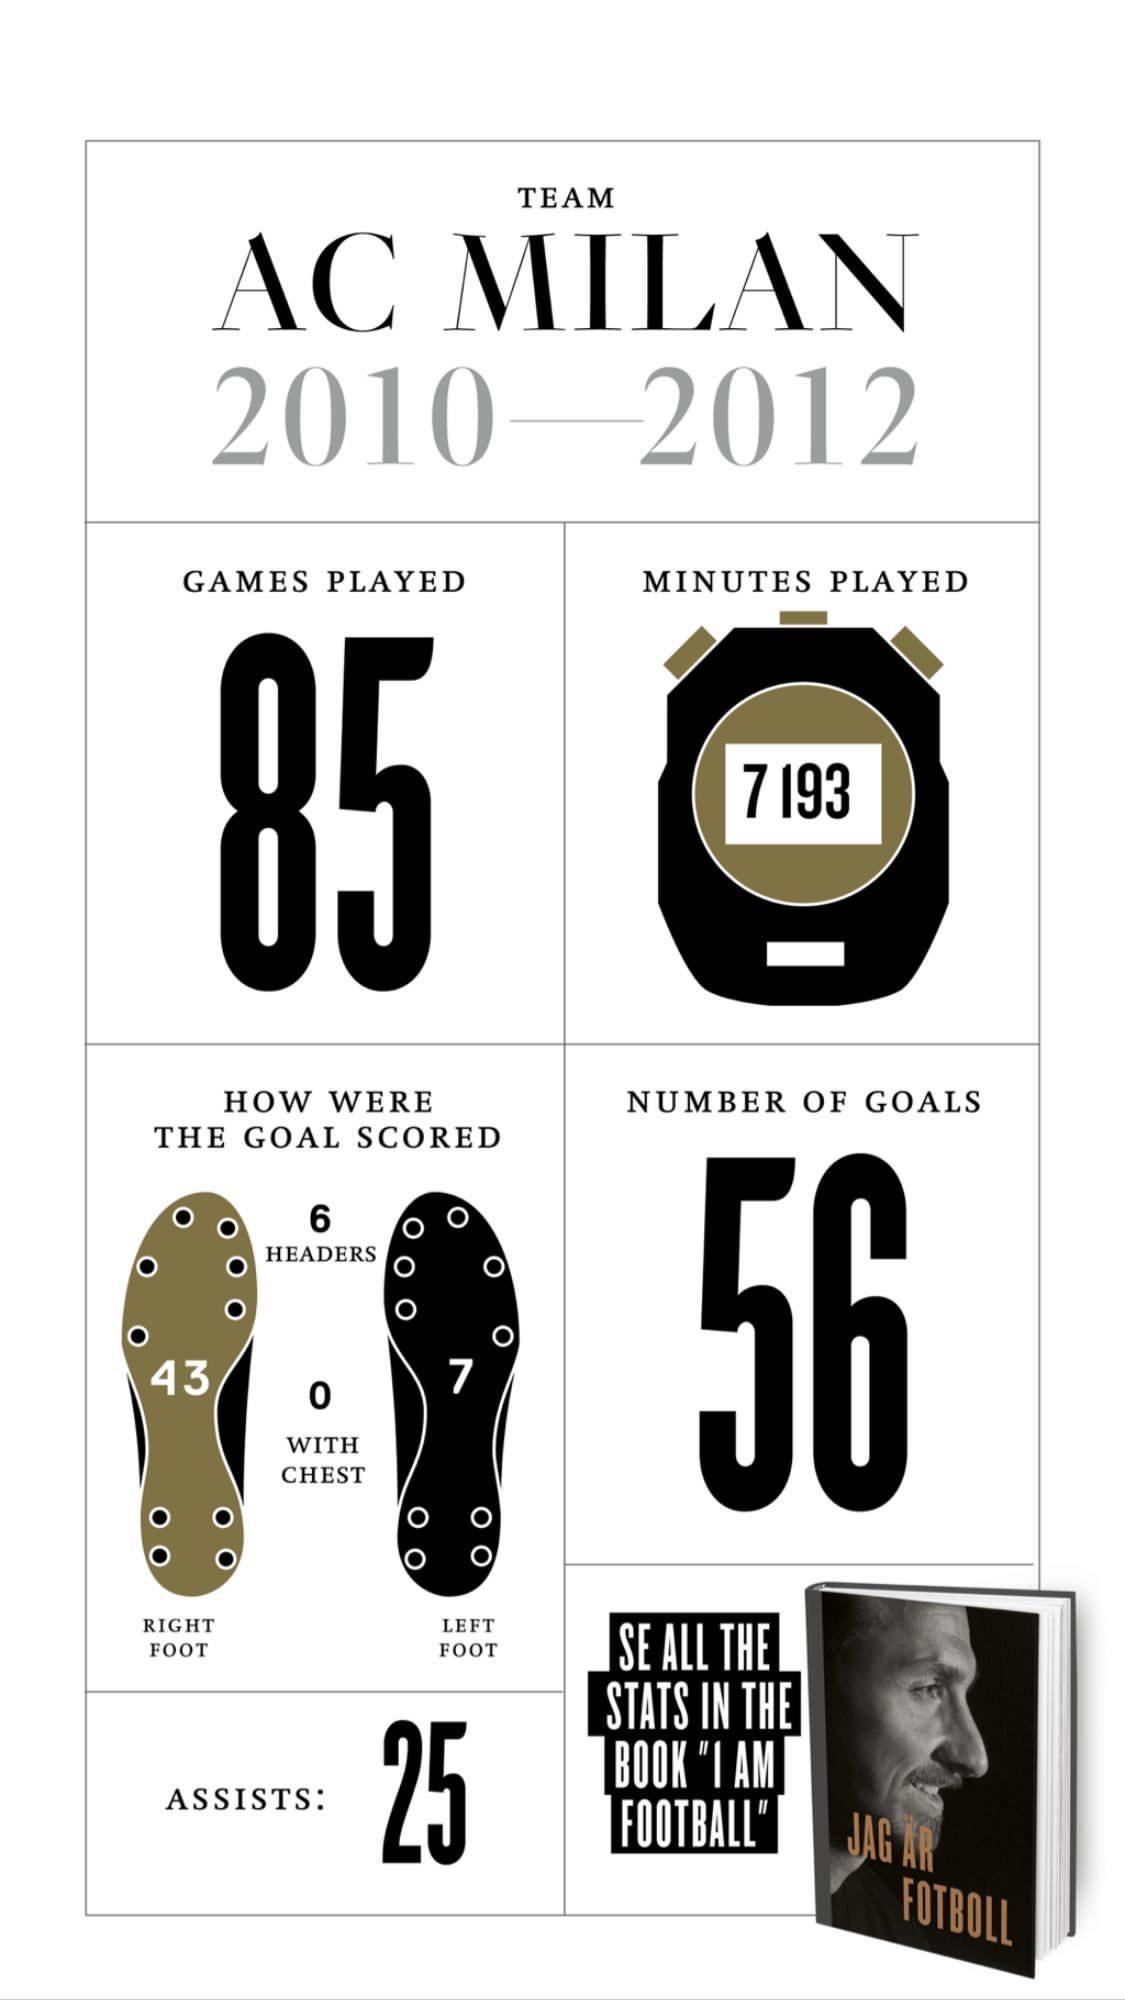 Златистика: интересные цифры Златана Ибрагимовича (Фото) - изображение 6